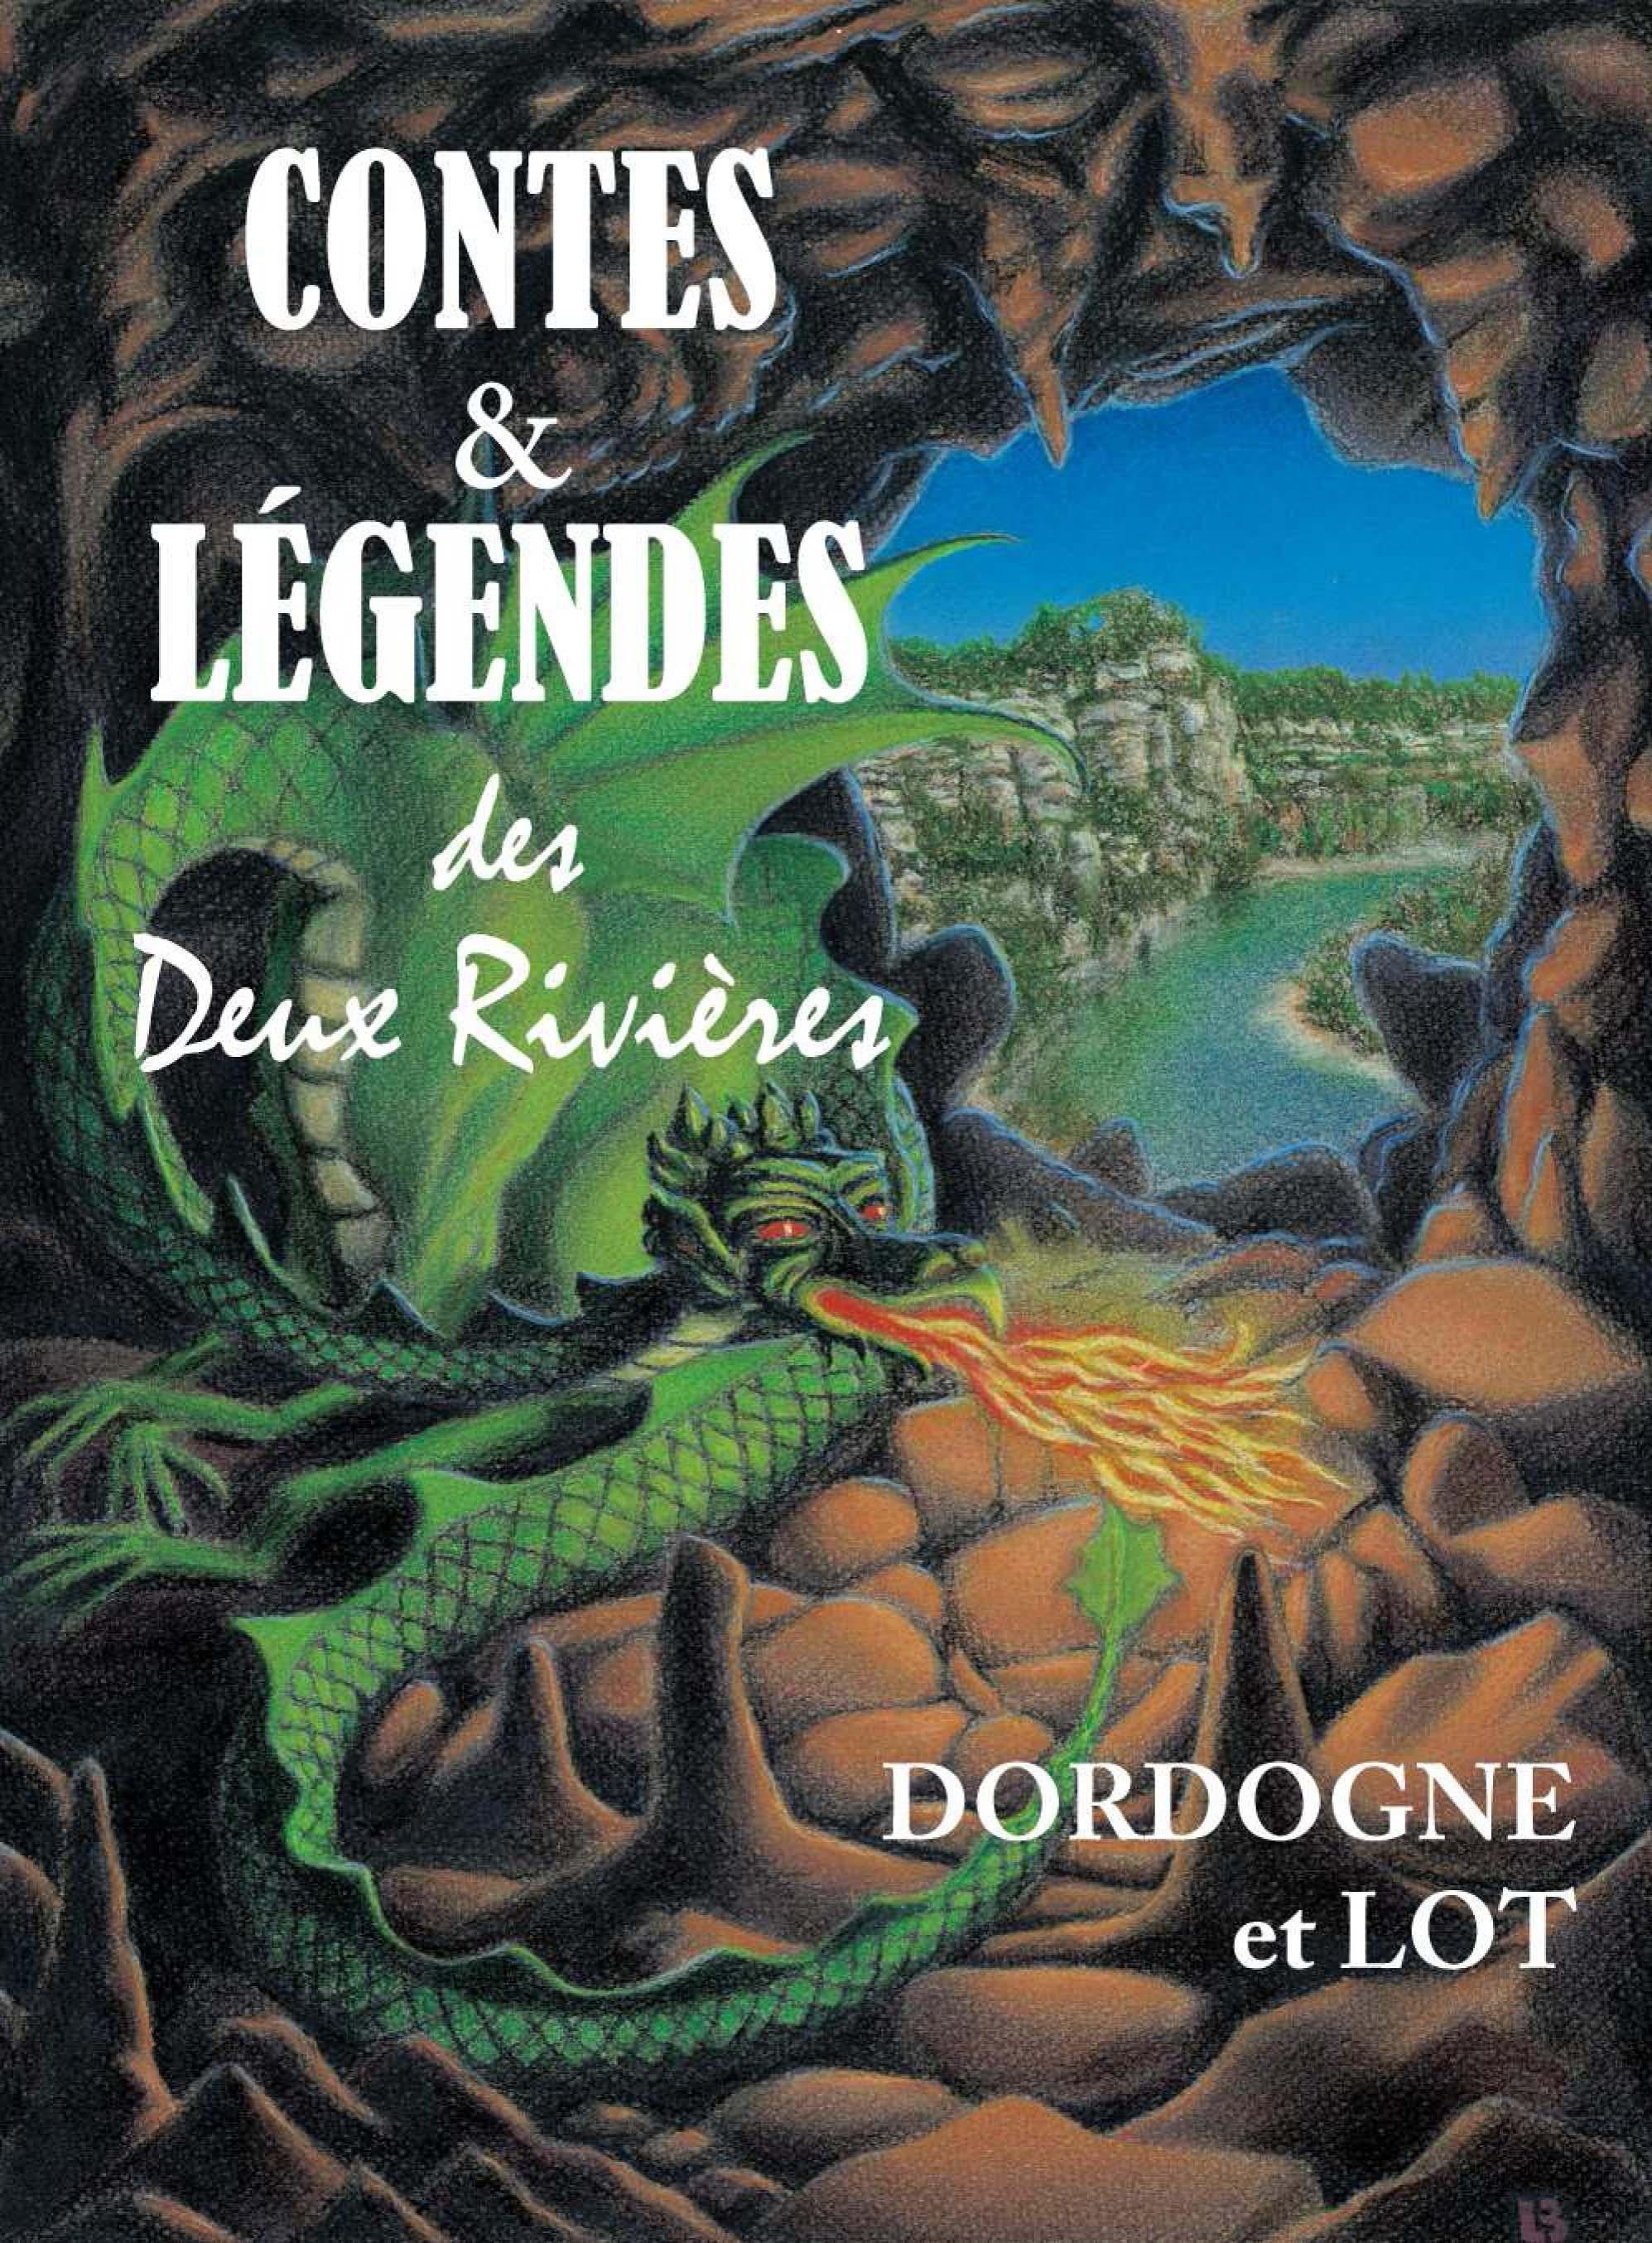 Contes & légendes des deux rivières ; Dordogne et Lot